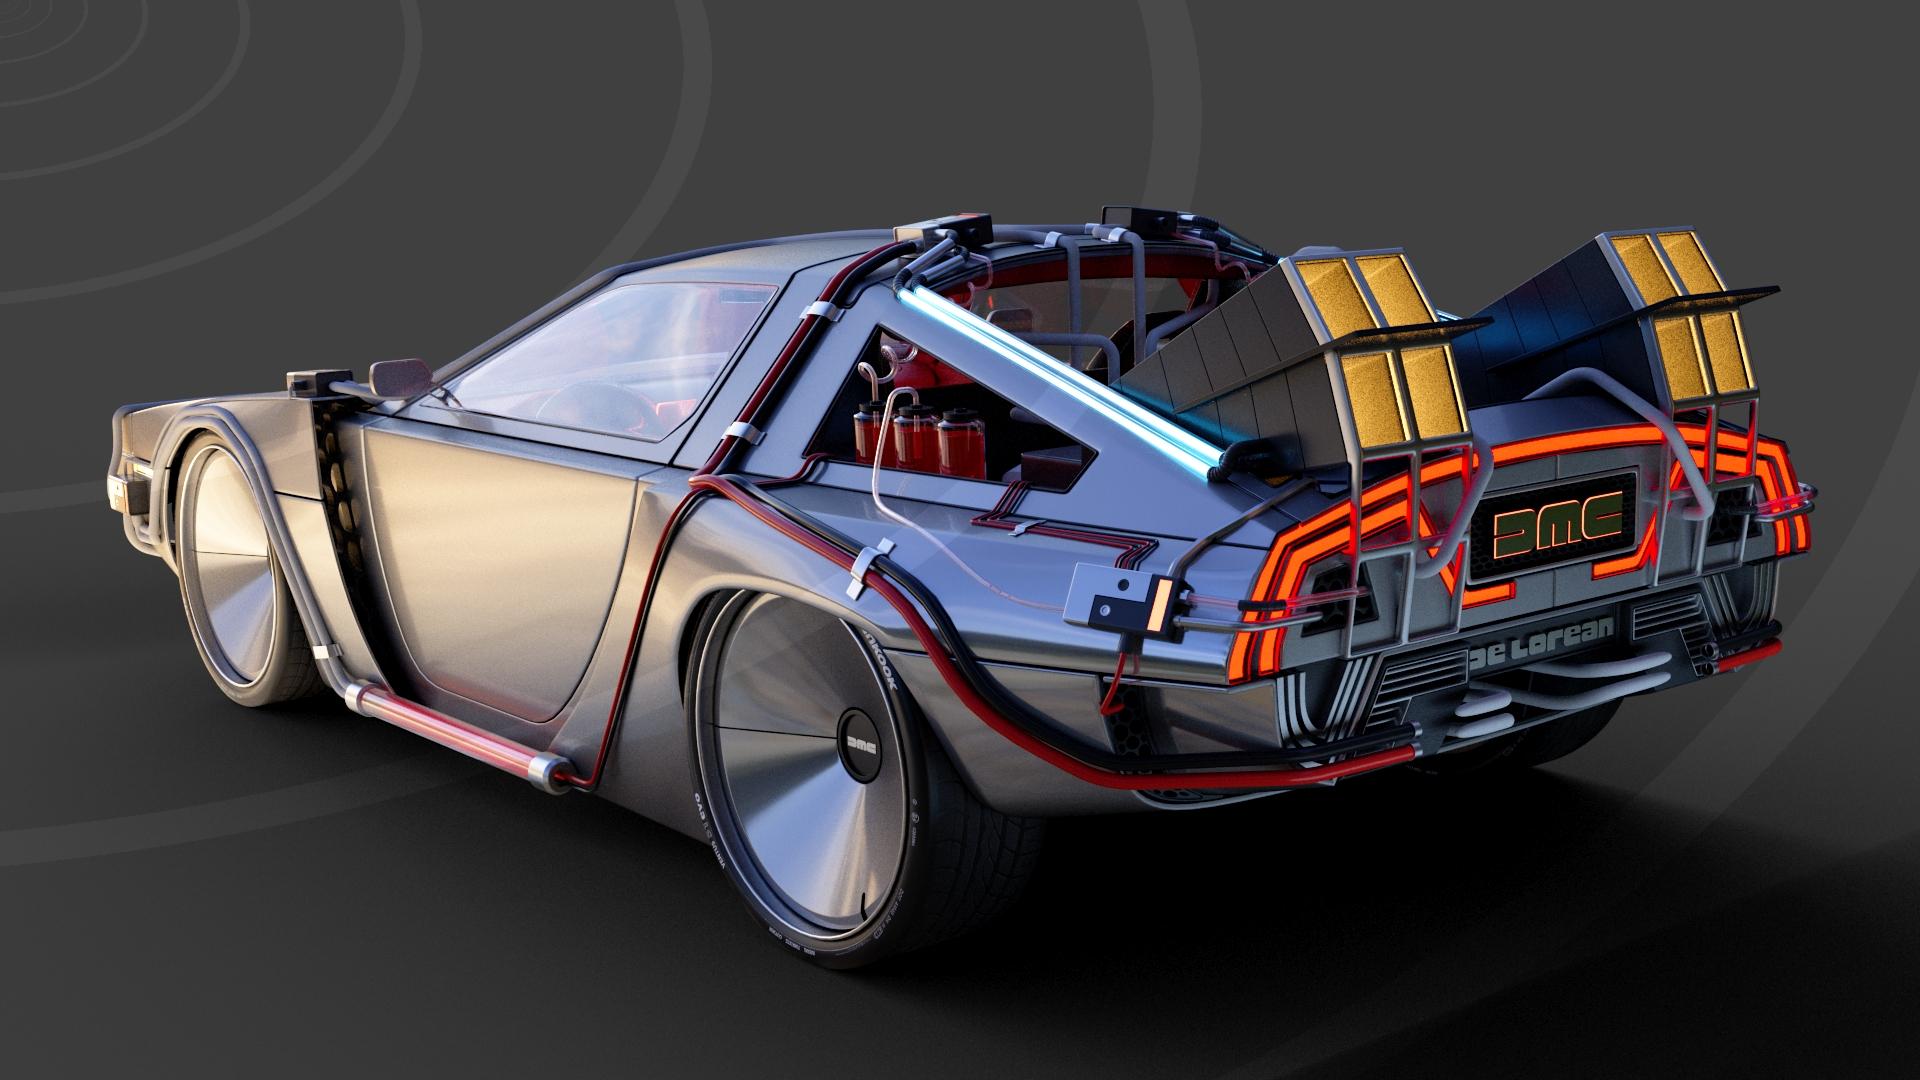 Back To The Future DeLorean DMC 2022